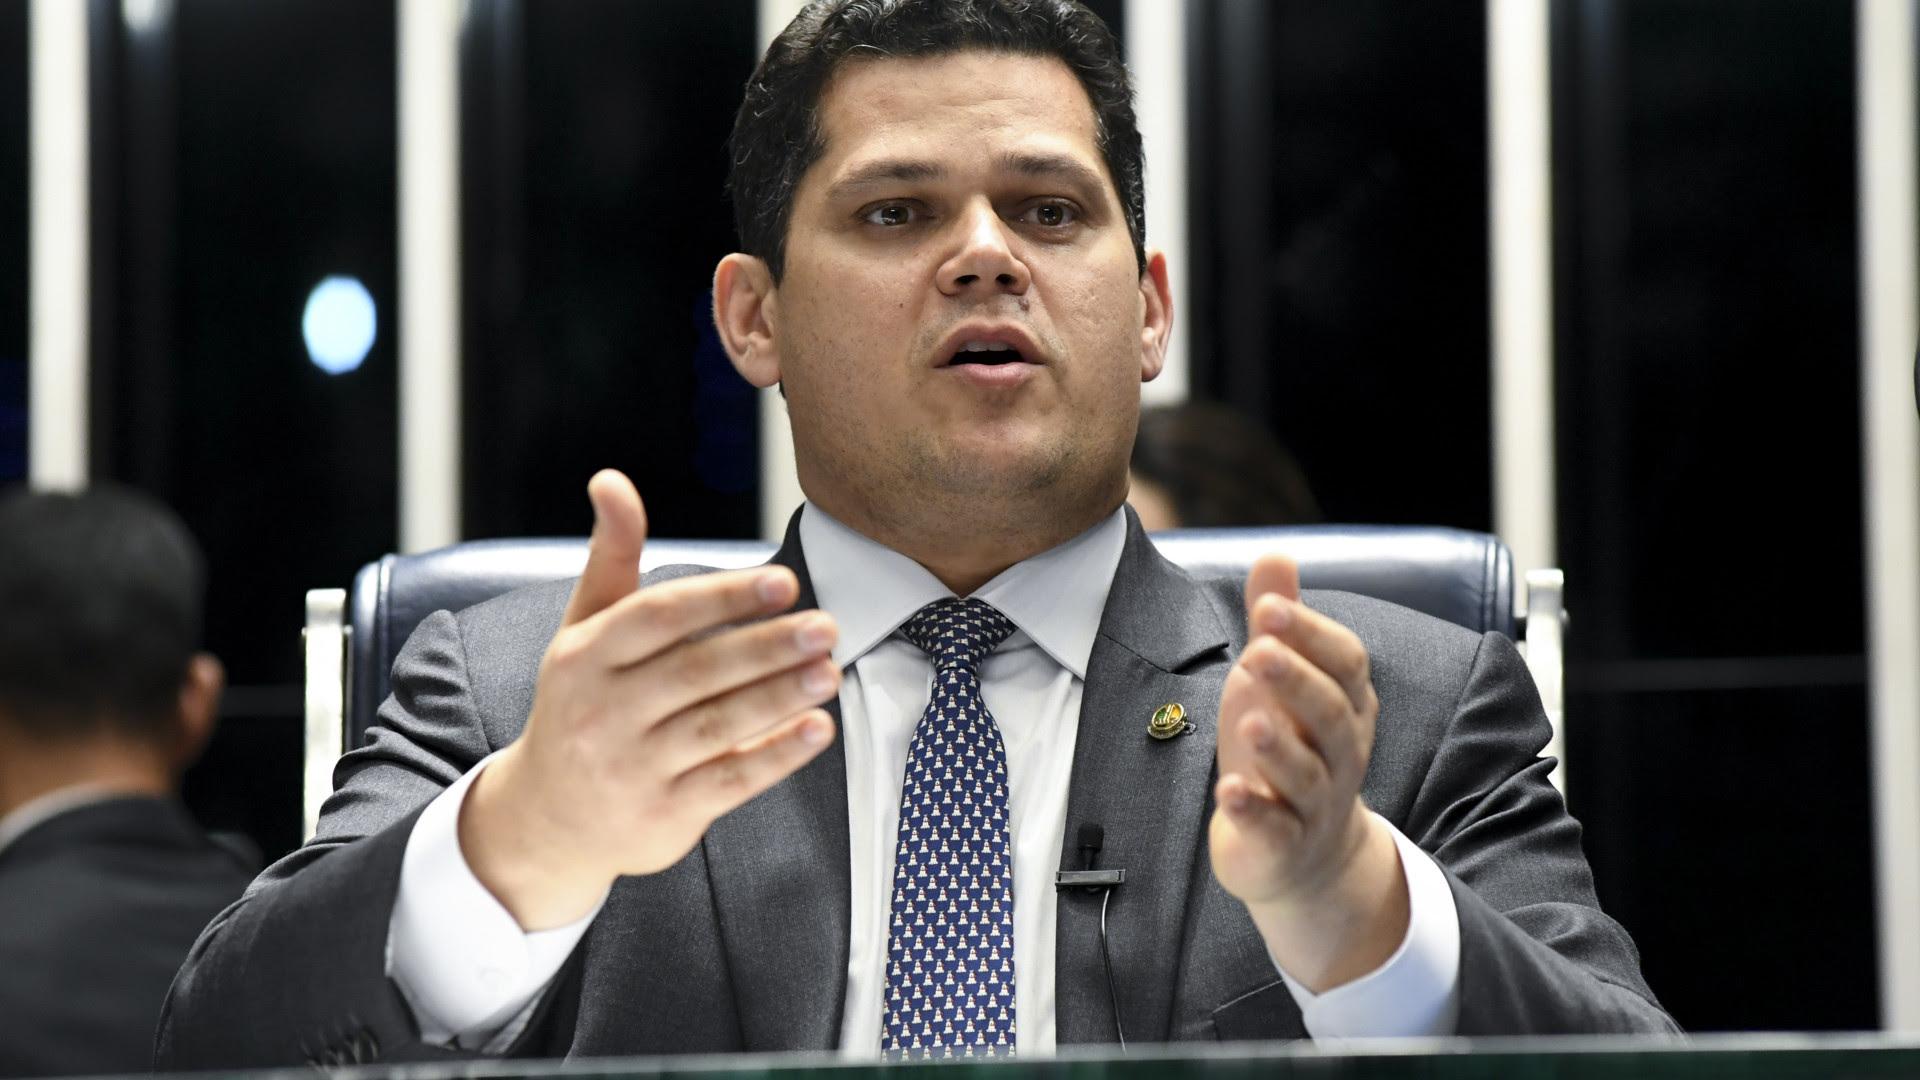 Alcolumbre questiona uso de fundo partidário e eleitoral na saúde